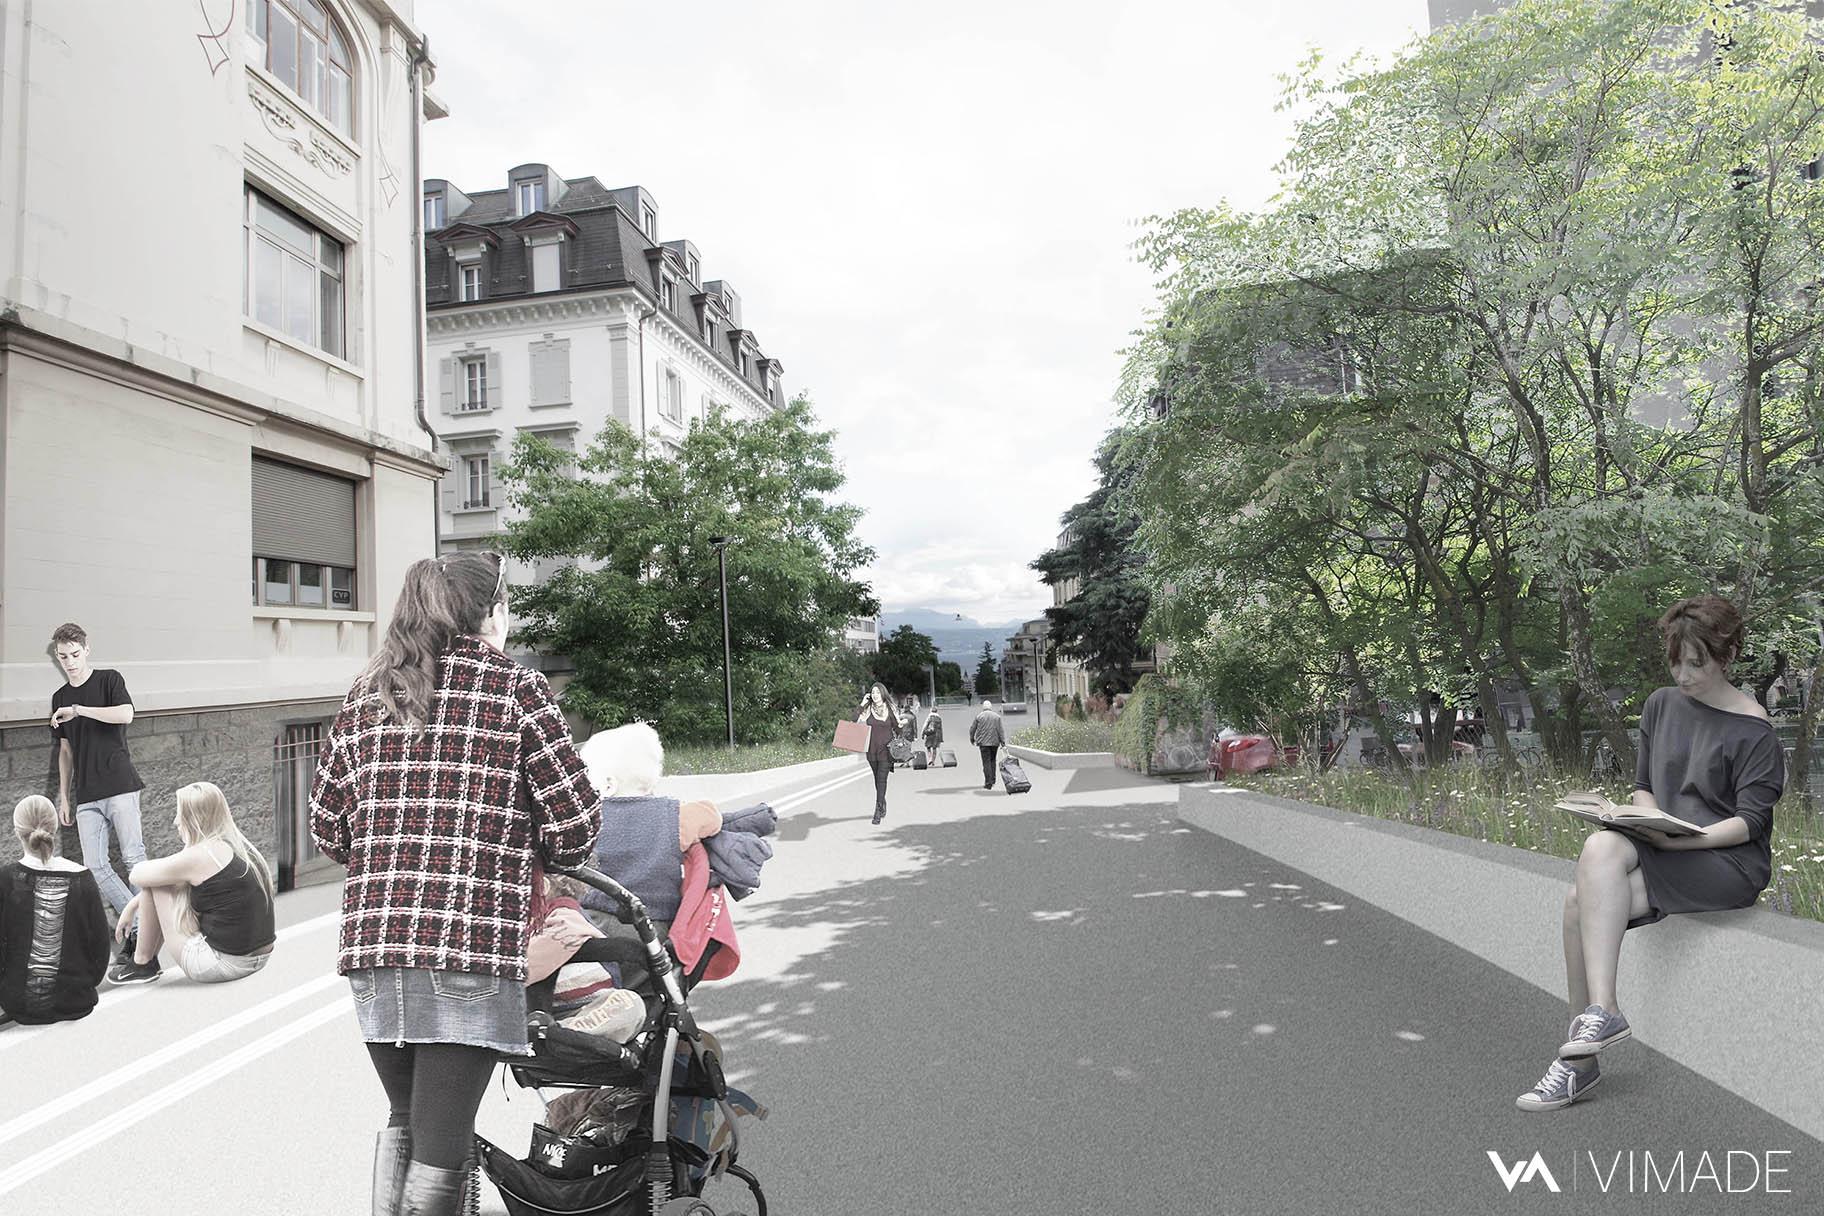 perspective-concours-sous-gare-lausanne-espace-public-promenade-ficelle-vimade-architectes-paysagistes